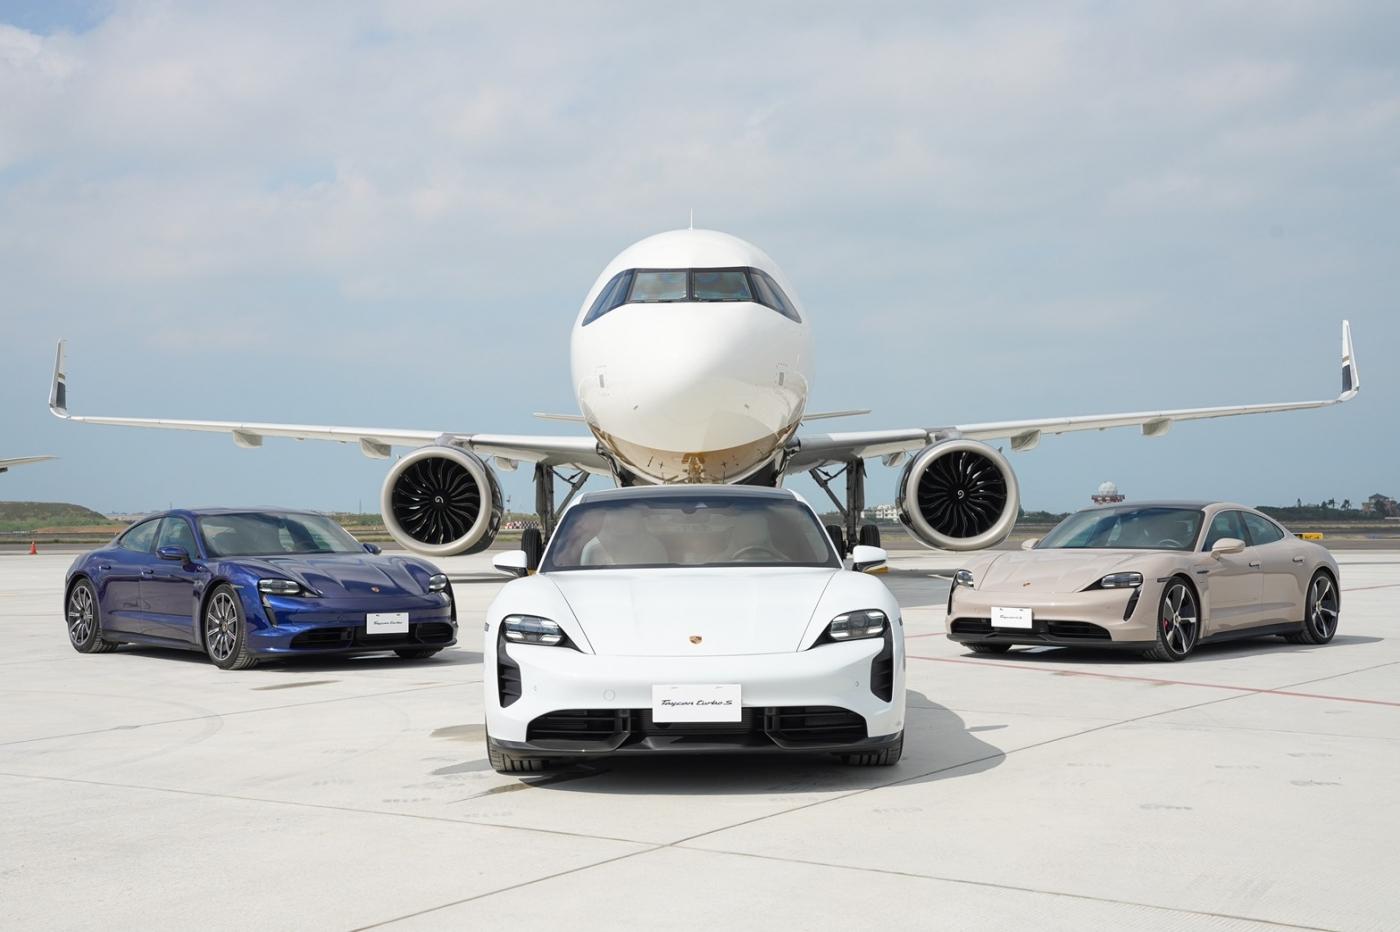 航空+超跑迷大愛!3輛保時捷開進機場,張國煒揭密星宇駕駛艙、米其林飛機餐